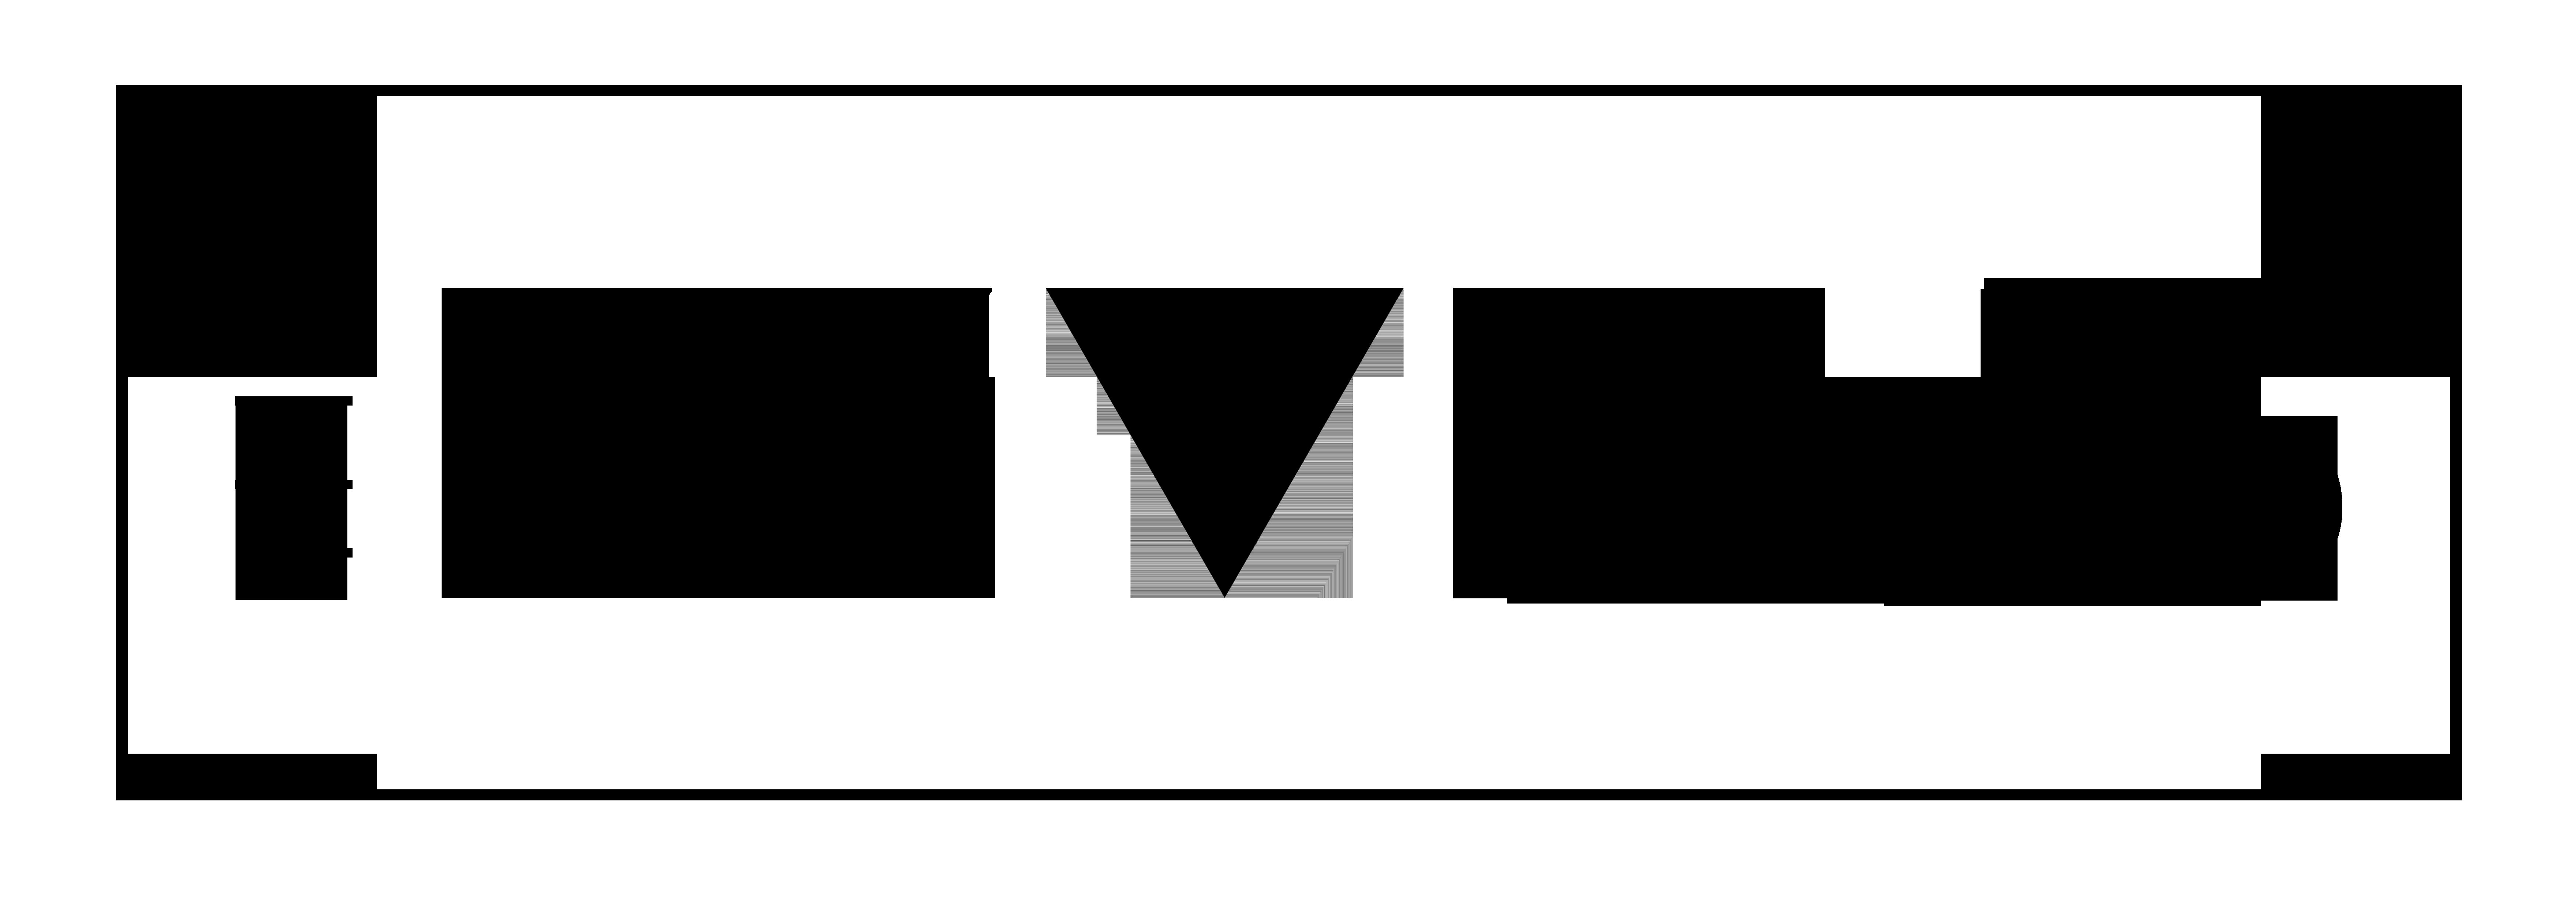 2a4bf3c3-1973-462a-921d-2bf3068e8541